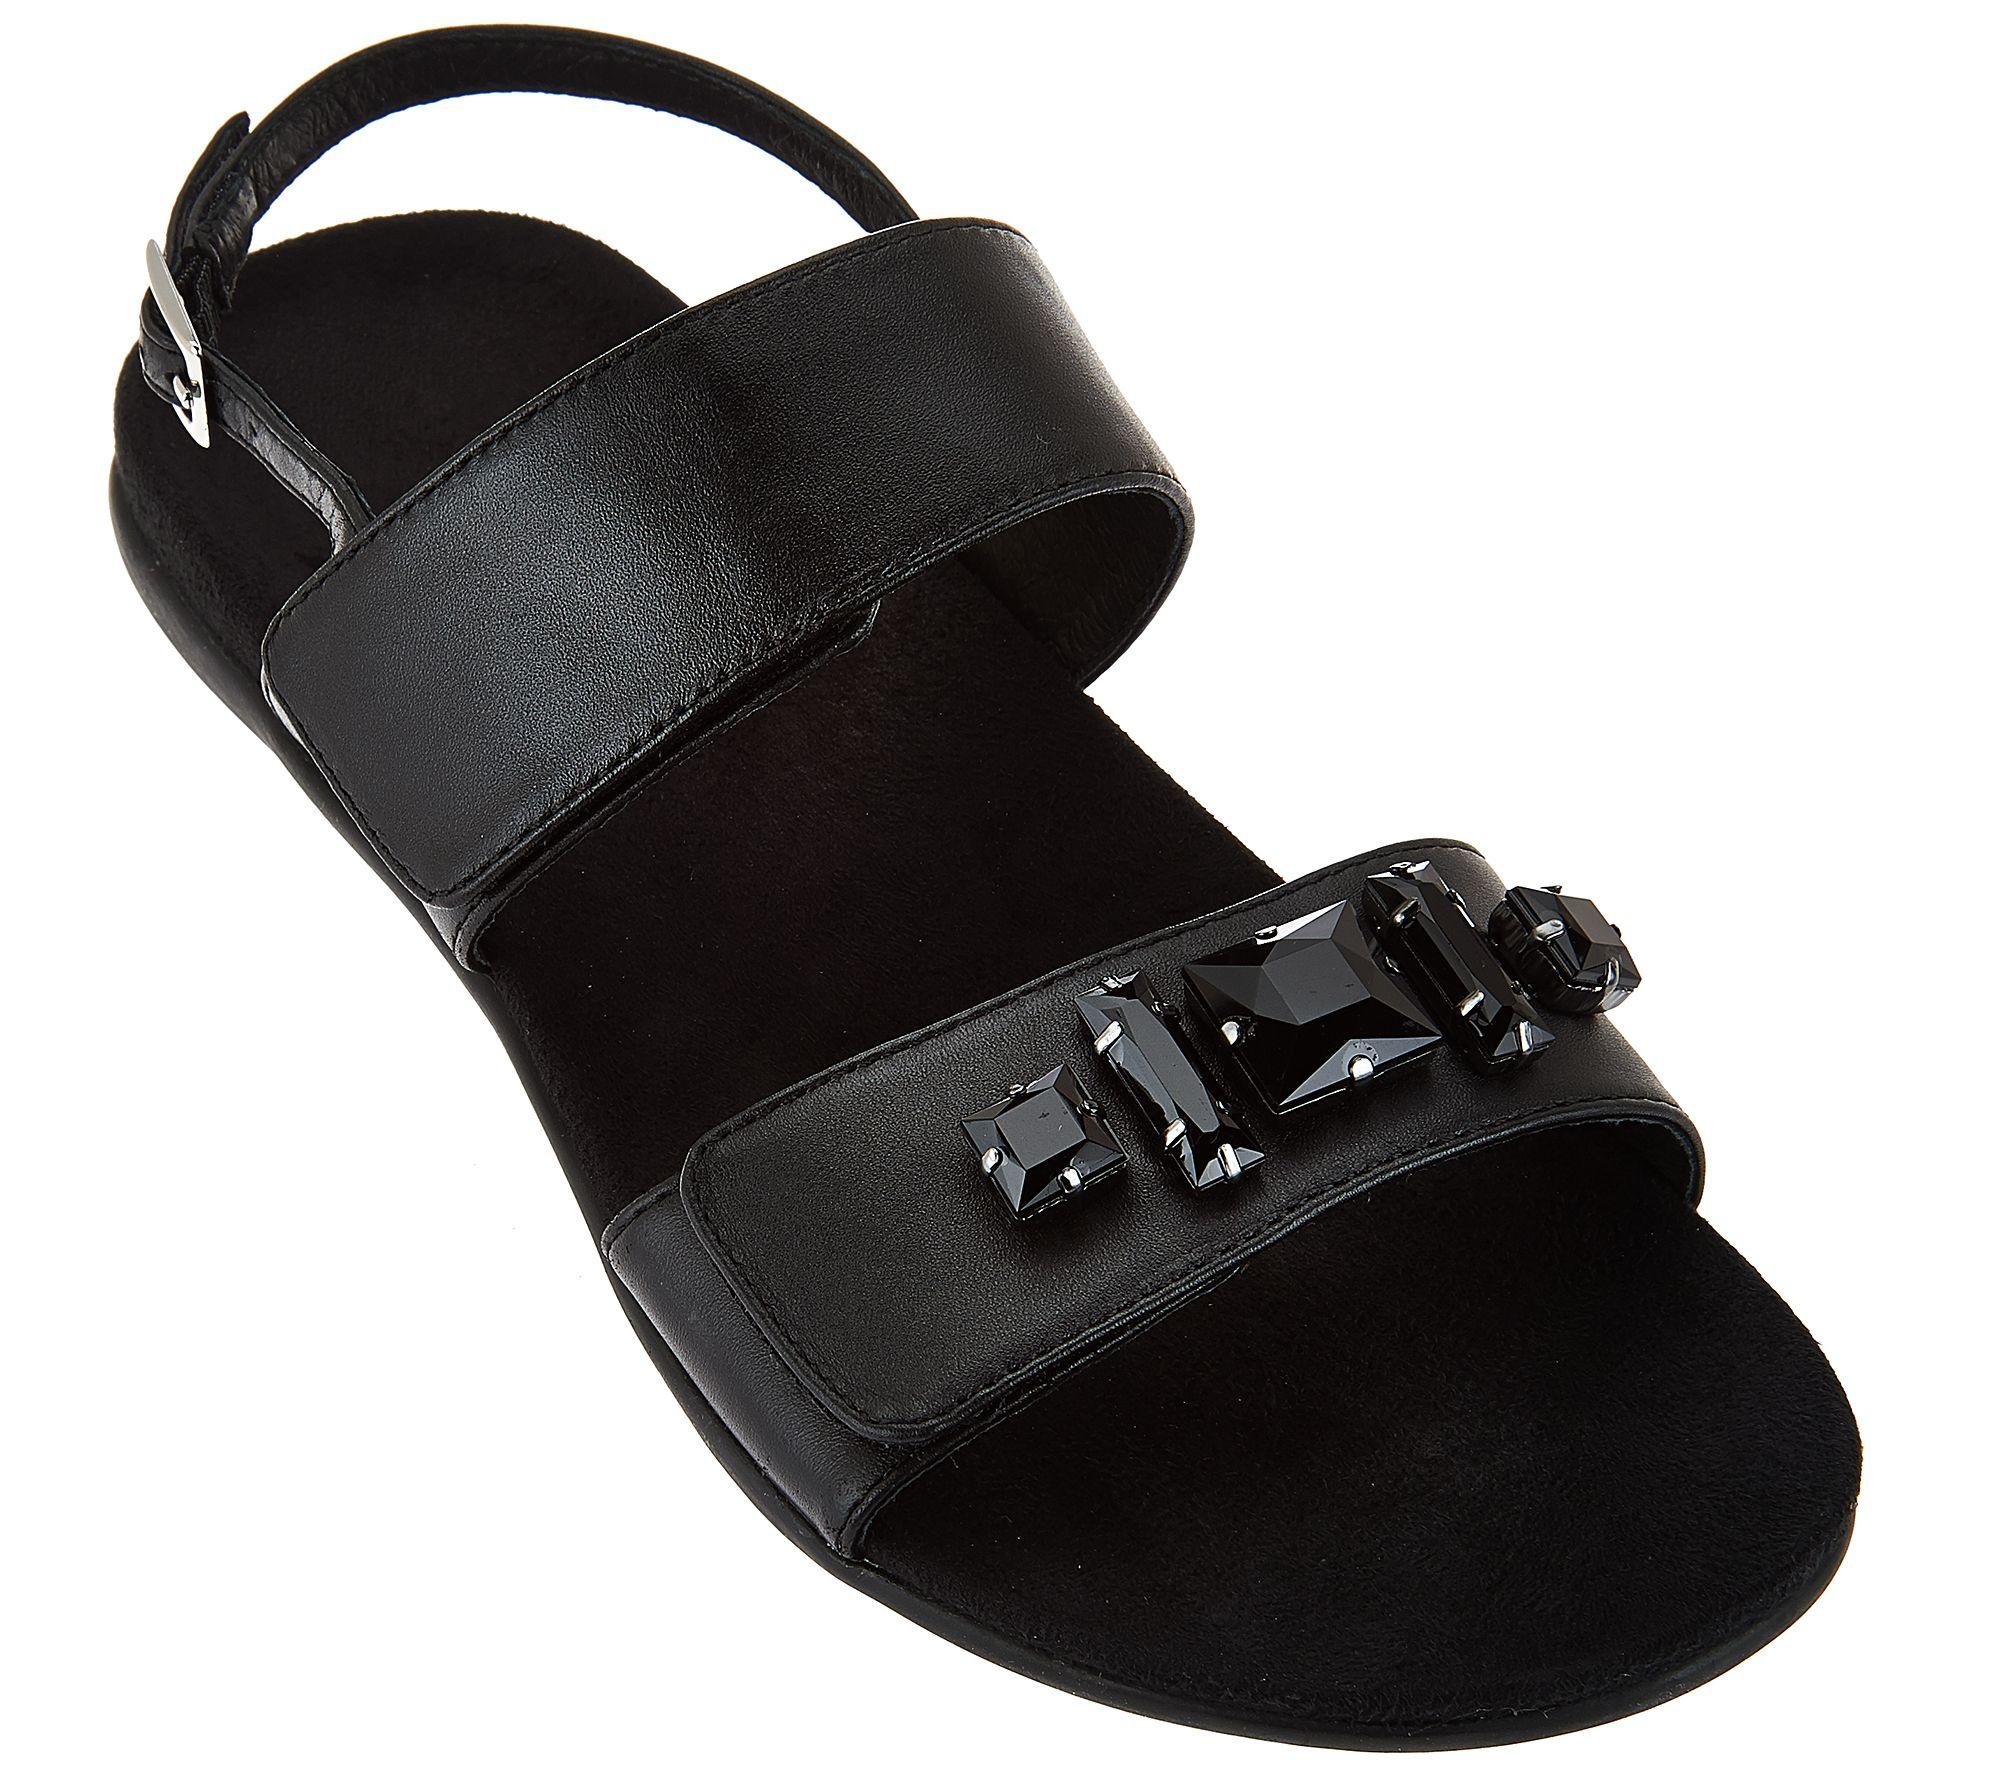 bda3d7f0fa86 Vionic Orthotic Leather Embellished Sandals - Dupre - Page 1 — QVC.com